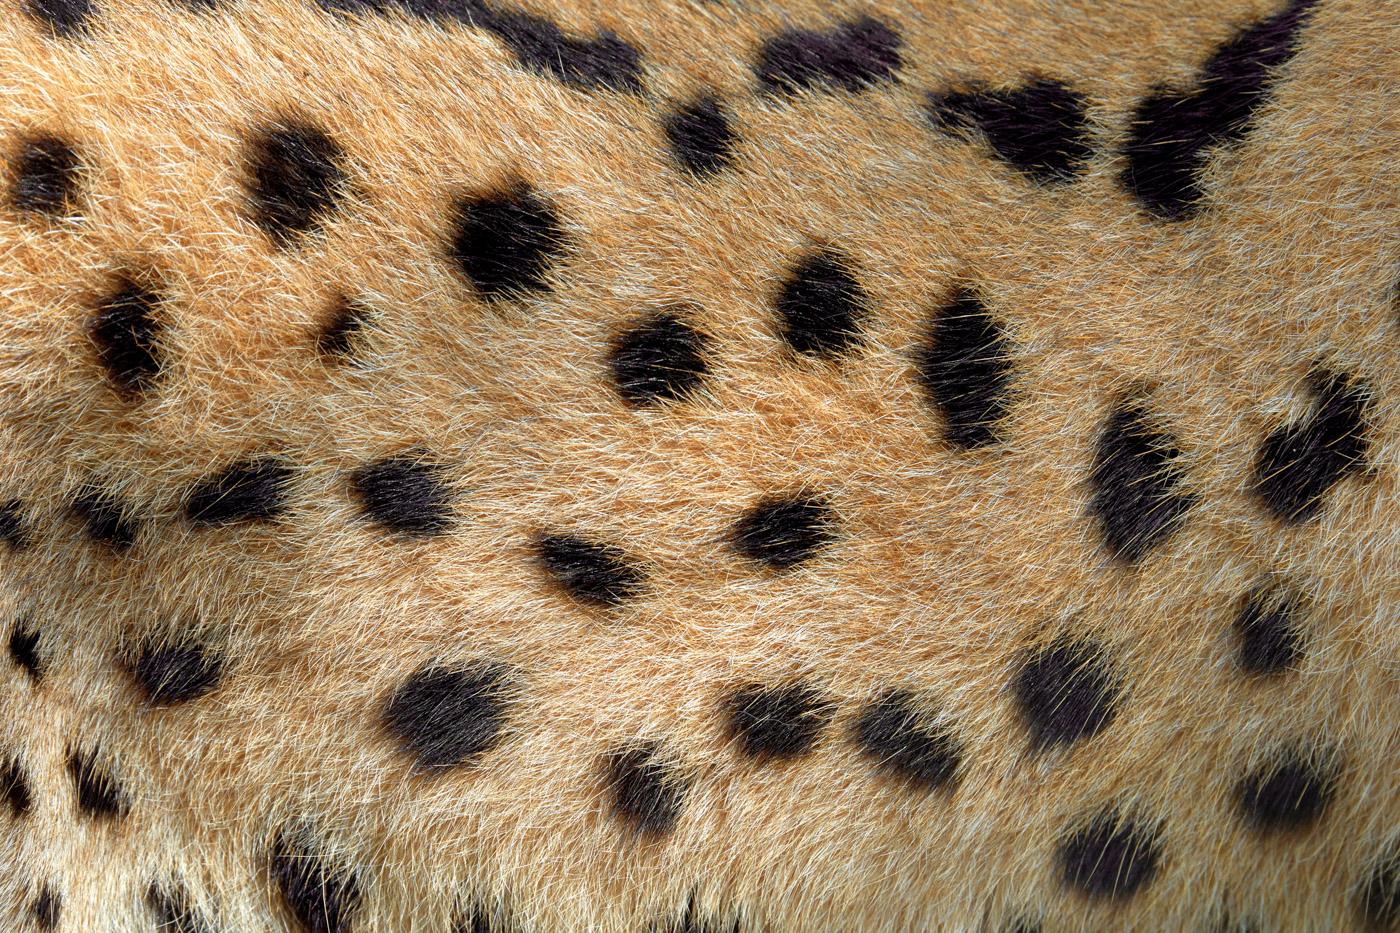 Тест на внимательность. Этап 1. Юный зоолог. будет, PENTAX, интересно, сверим, Подписывайтесь, открою, Фототехника, ВНИМАНИЕ, больше, природе, дикой, узнать, чтобы, обновления, шкуры, ответы, скидкой, принадлежат, животным, каким